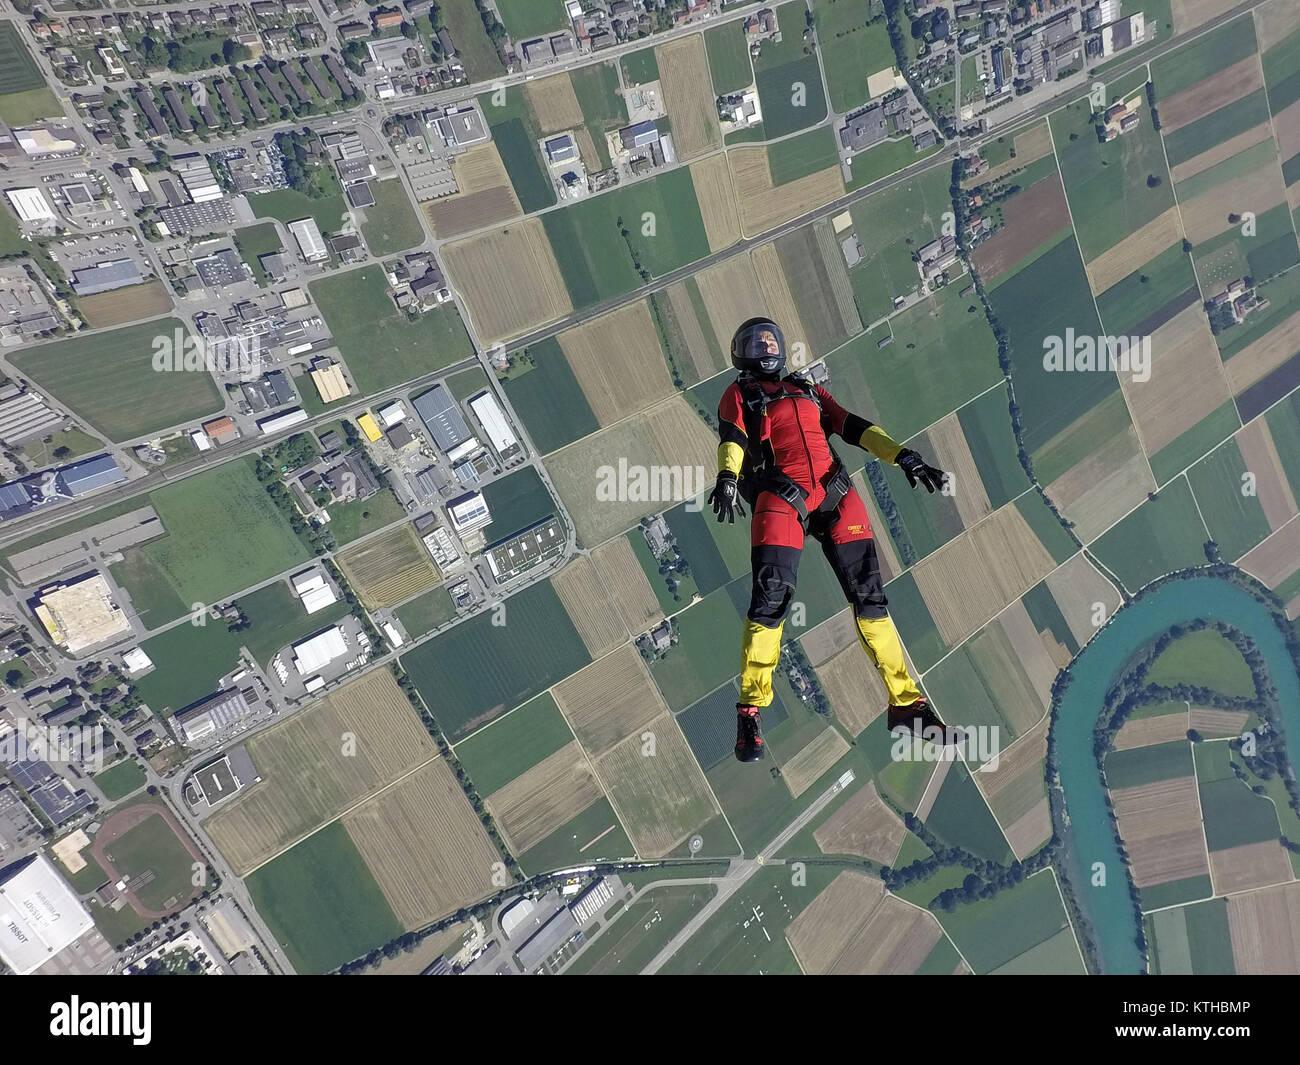 In diesem Fallschirmspringen Mädchen, die Verfolgung auf dem Rücken über eine schöne Landschaft Stockbild